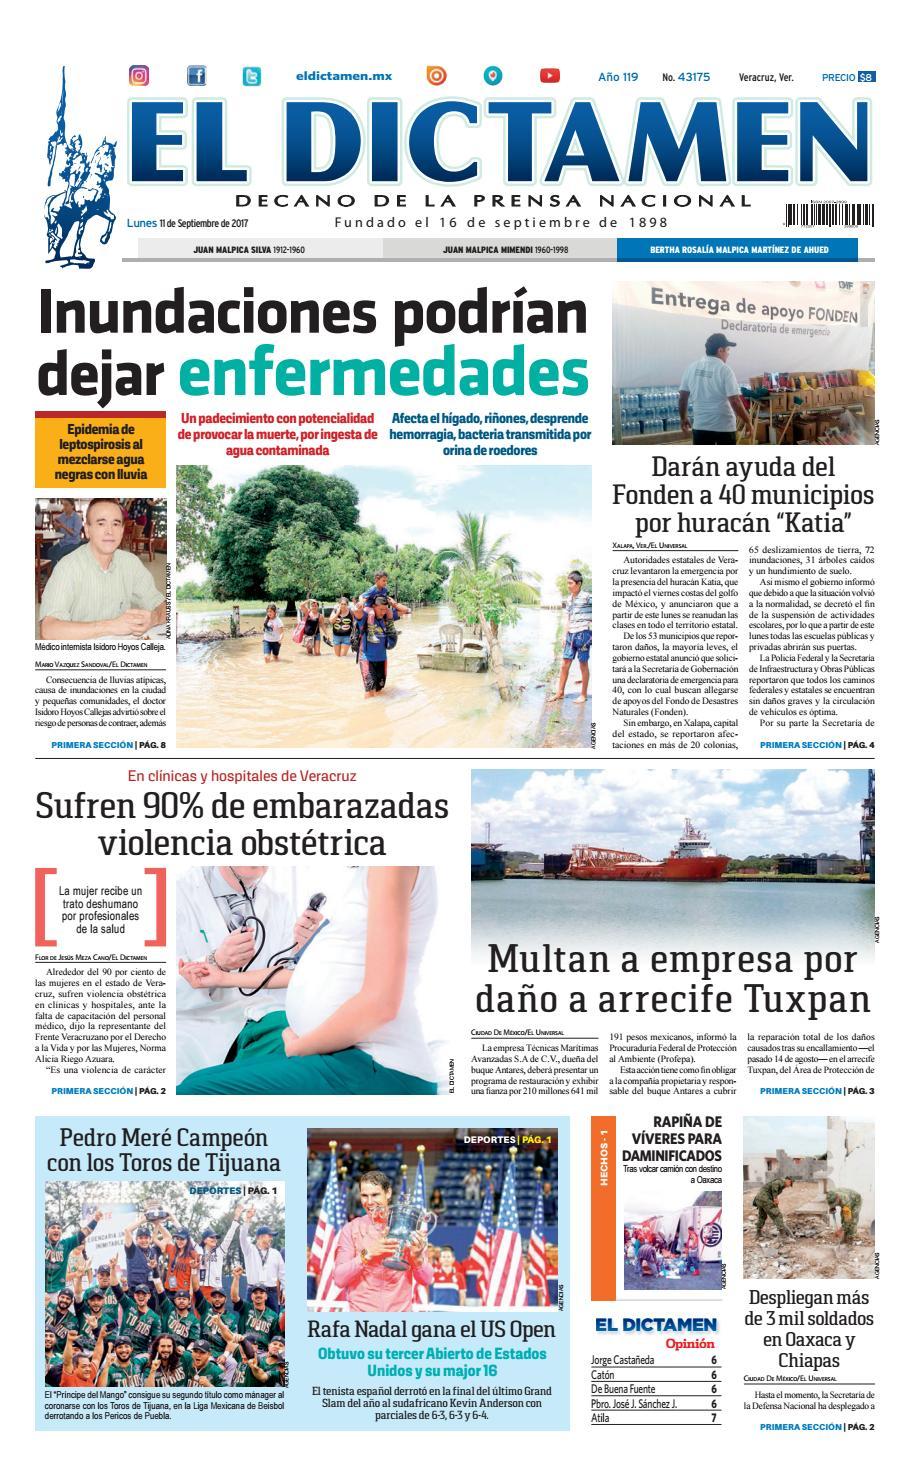 El dictamen 11 de septiembre 2017 by El Dictamen - issuu 6d9f148e04e09